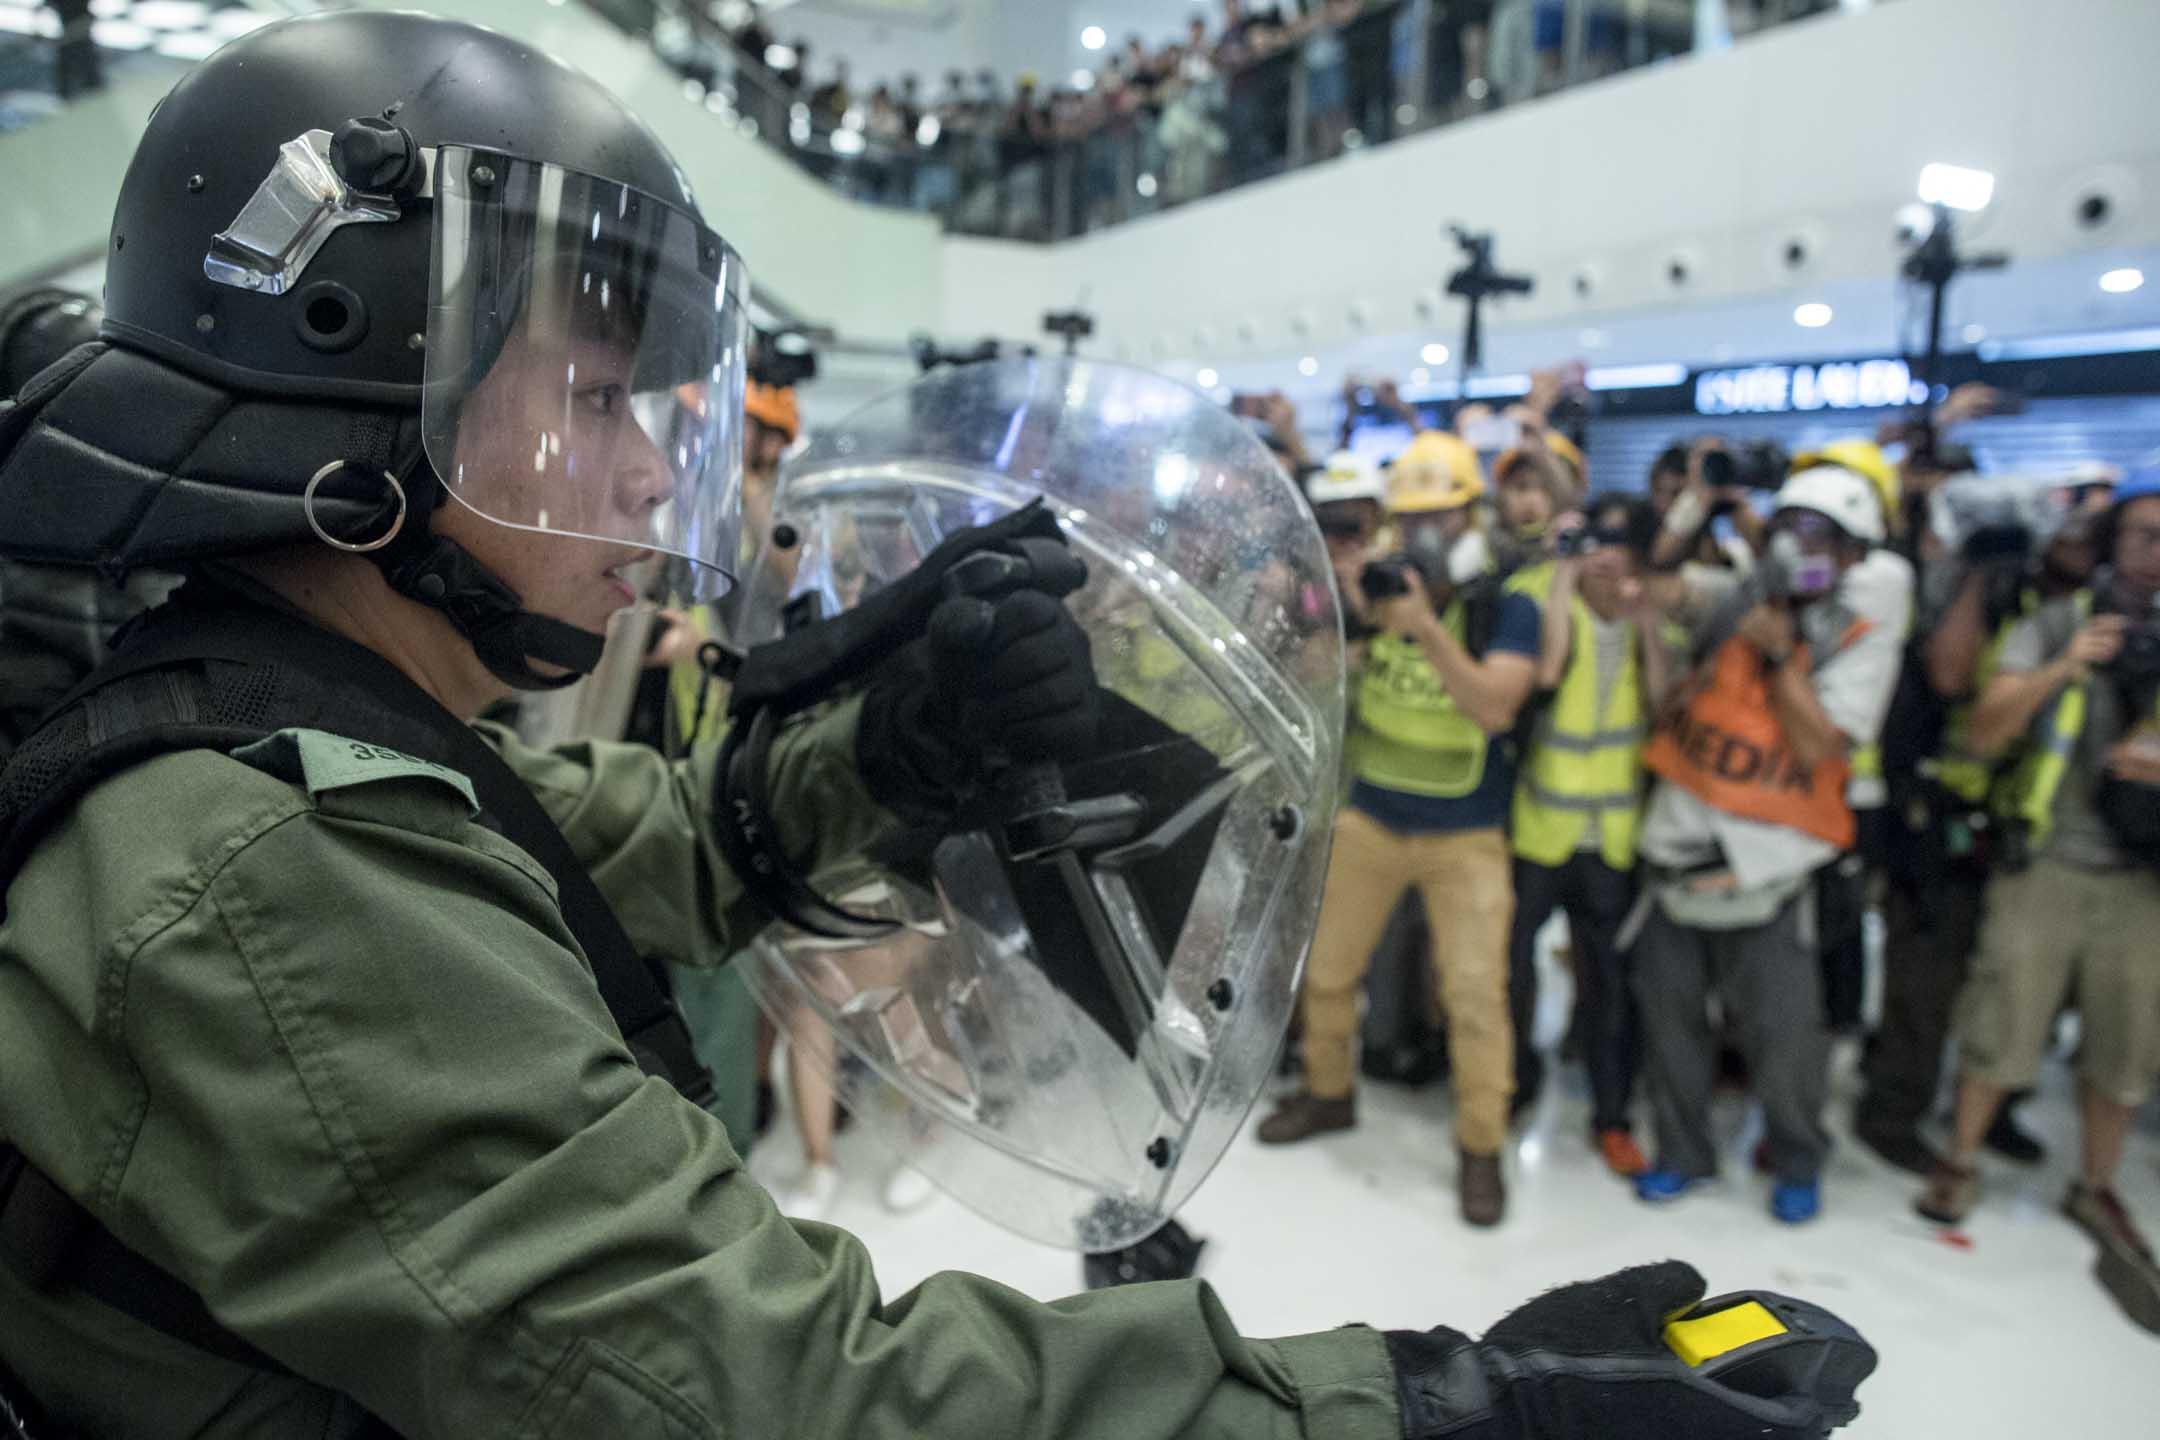 2019年7月15日,大批警員進入商場與示威者在新城市廣場短兵相接,雙方發生流血衝突。 攝:林振東/端傳媒